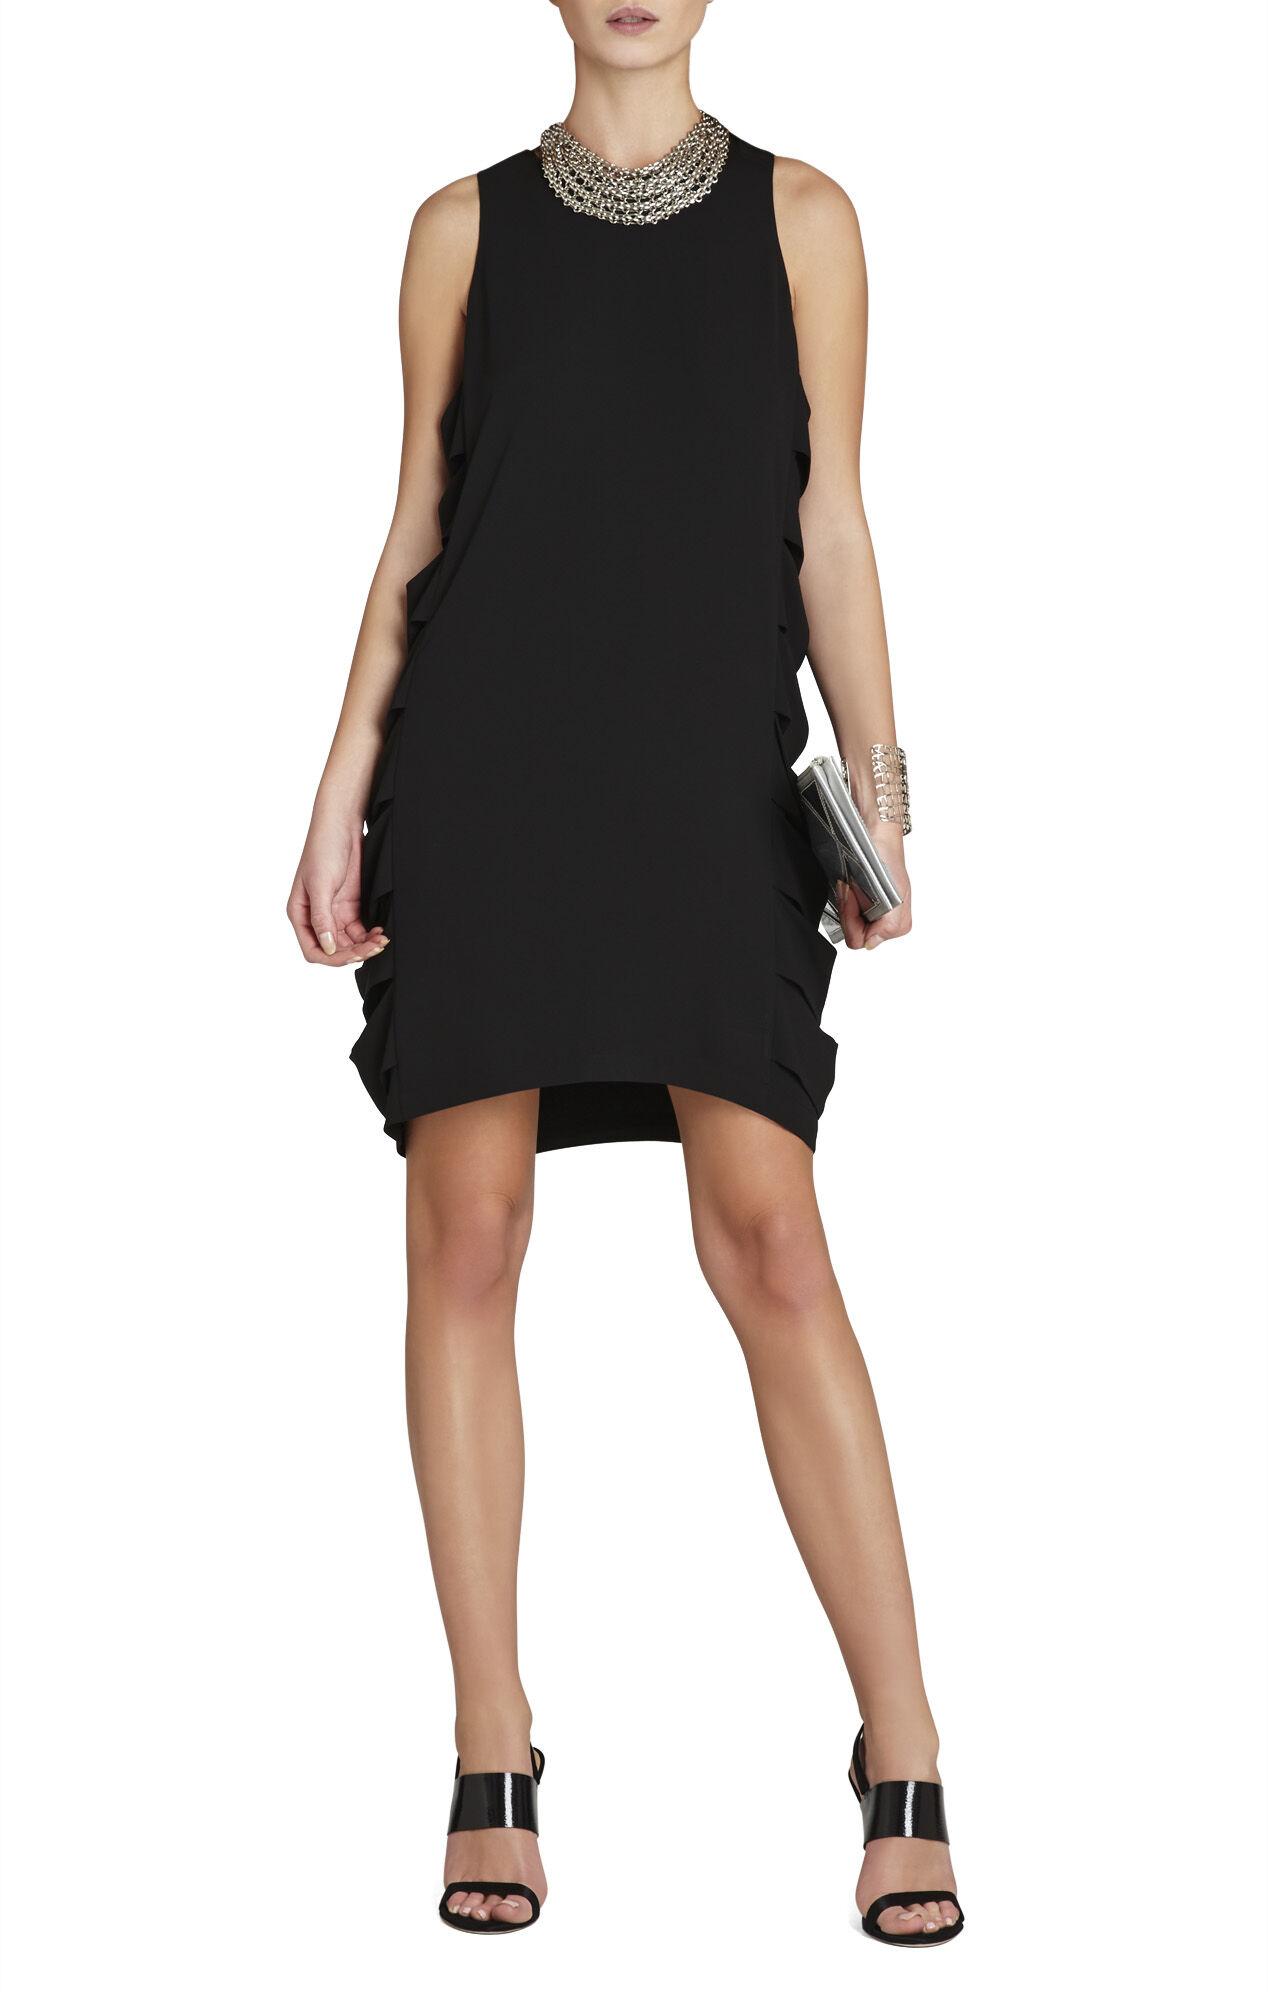 Eren Cutout Sleeveless Dress